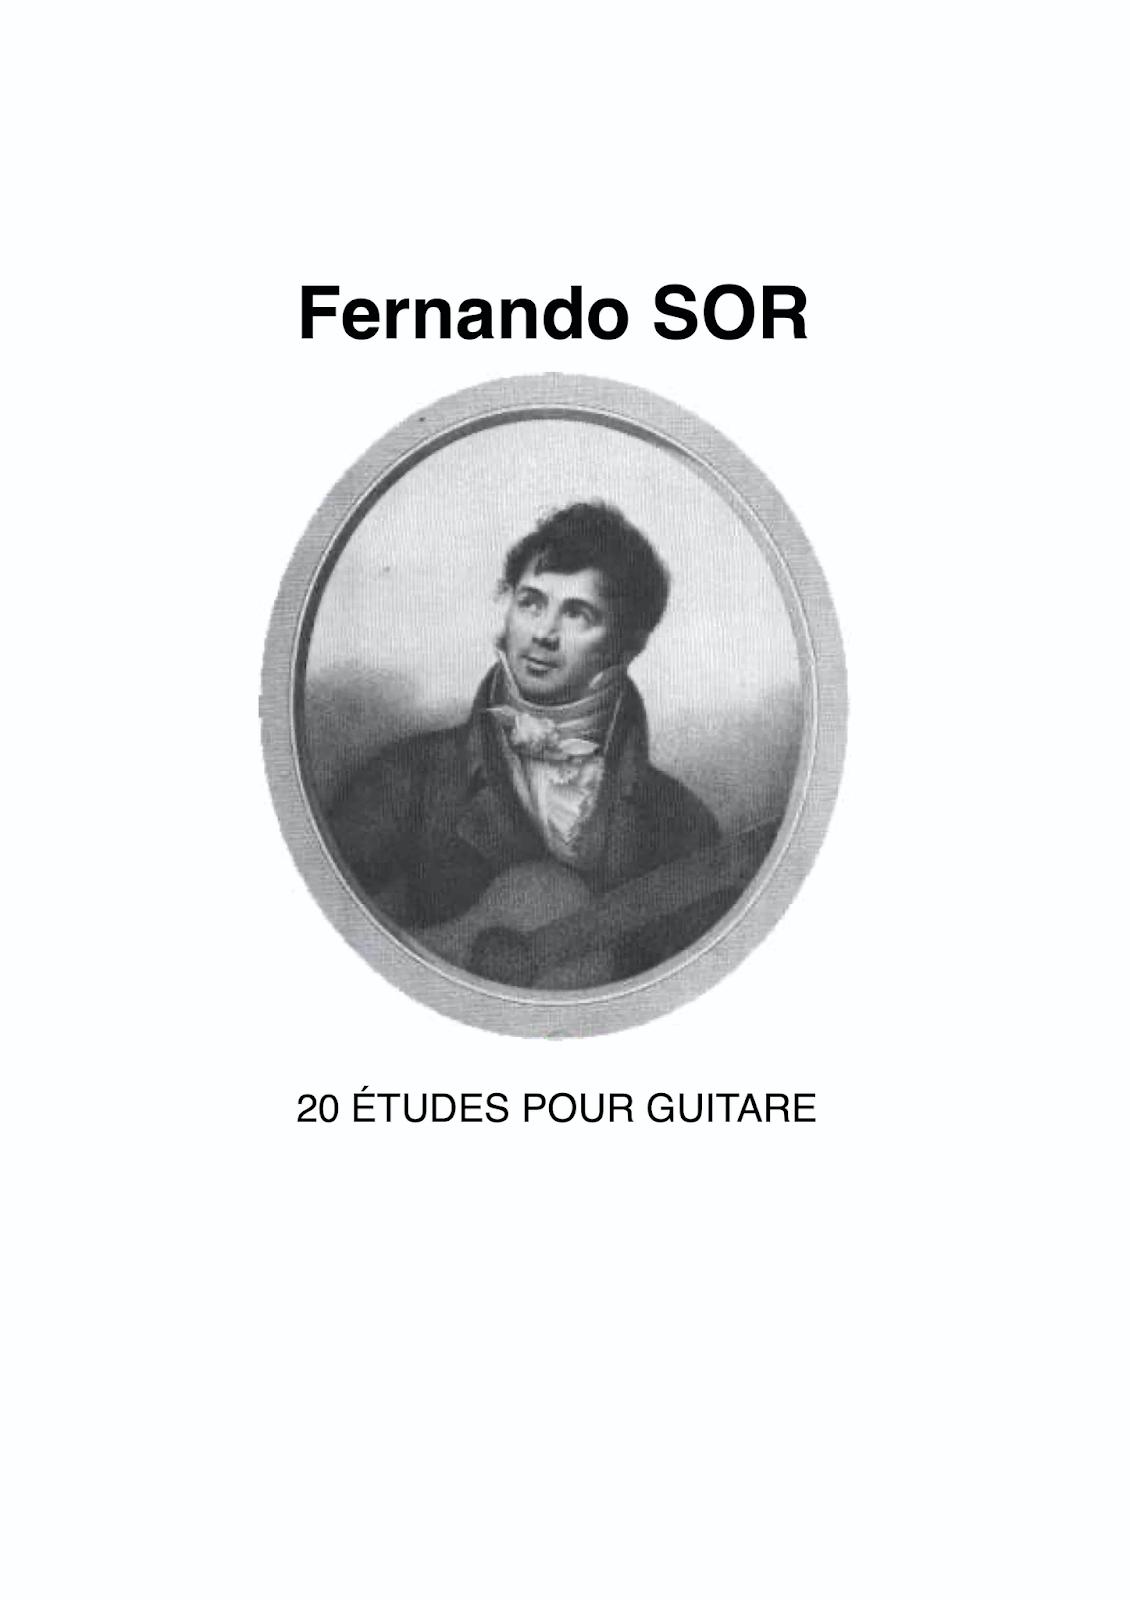 دانلود کتاب ۲۰ اتود گیتار کلاسیک فرناندو سور